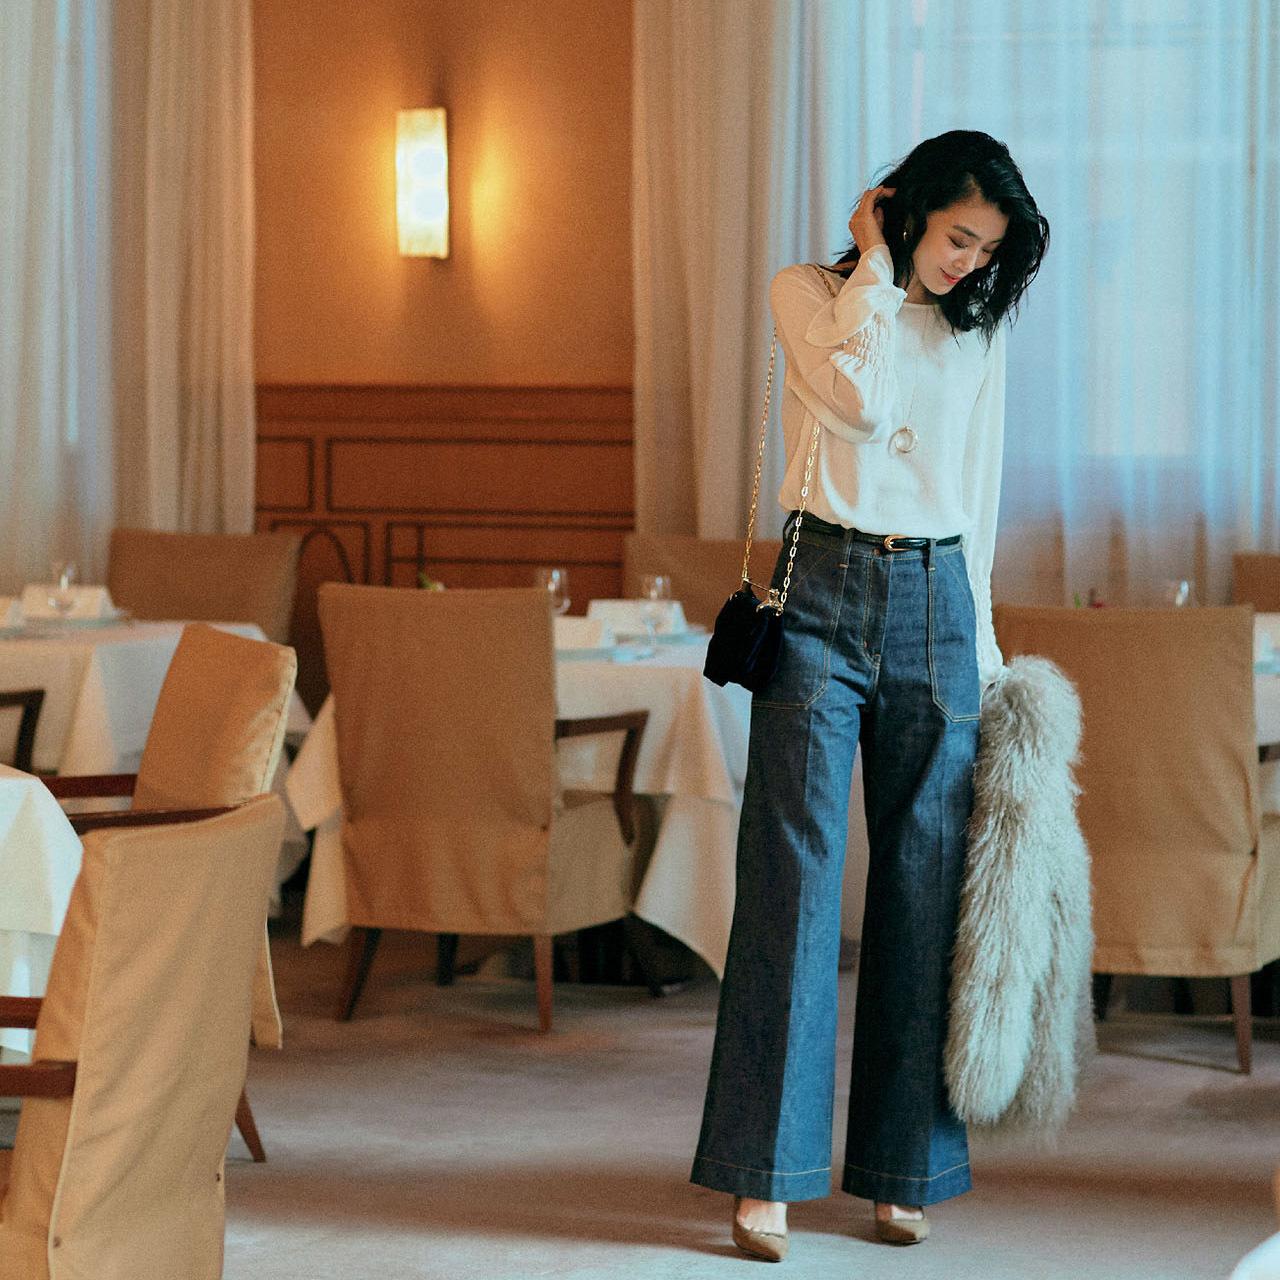 品格小物と美脚靴でワンランク上の装い、今夜はデニムでレストラン 五選